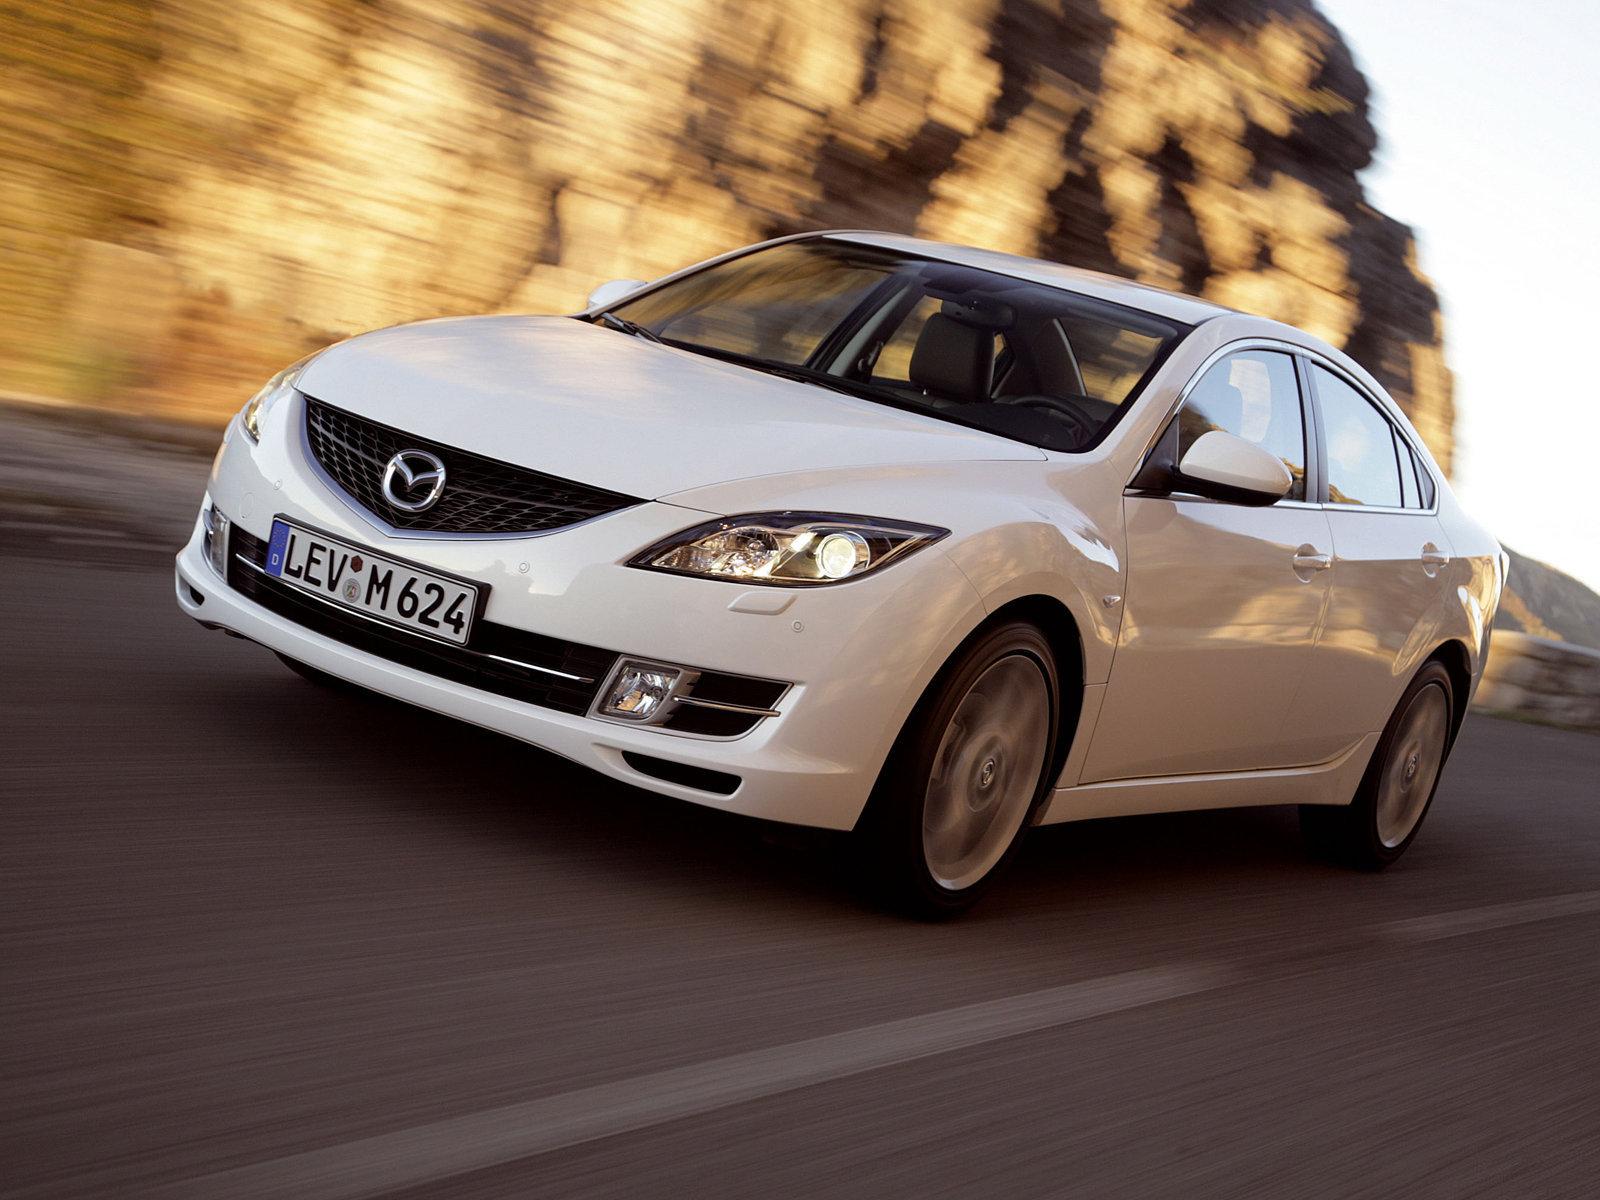 Технические характеристики автомобилей Mazda 6 / Мазда 6